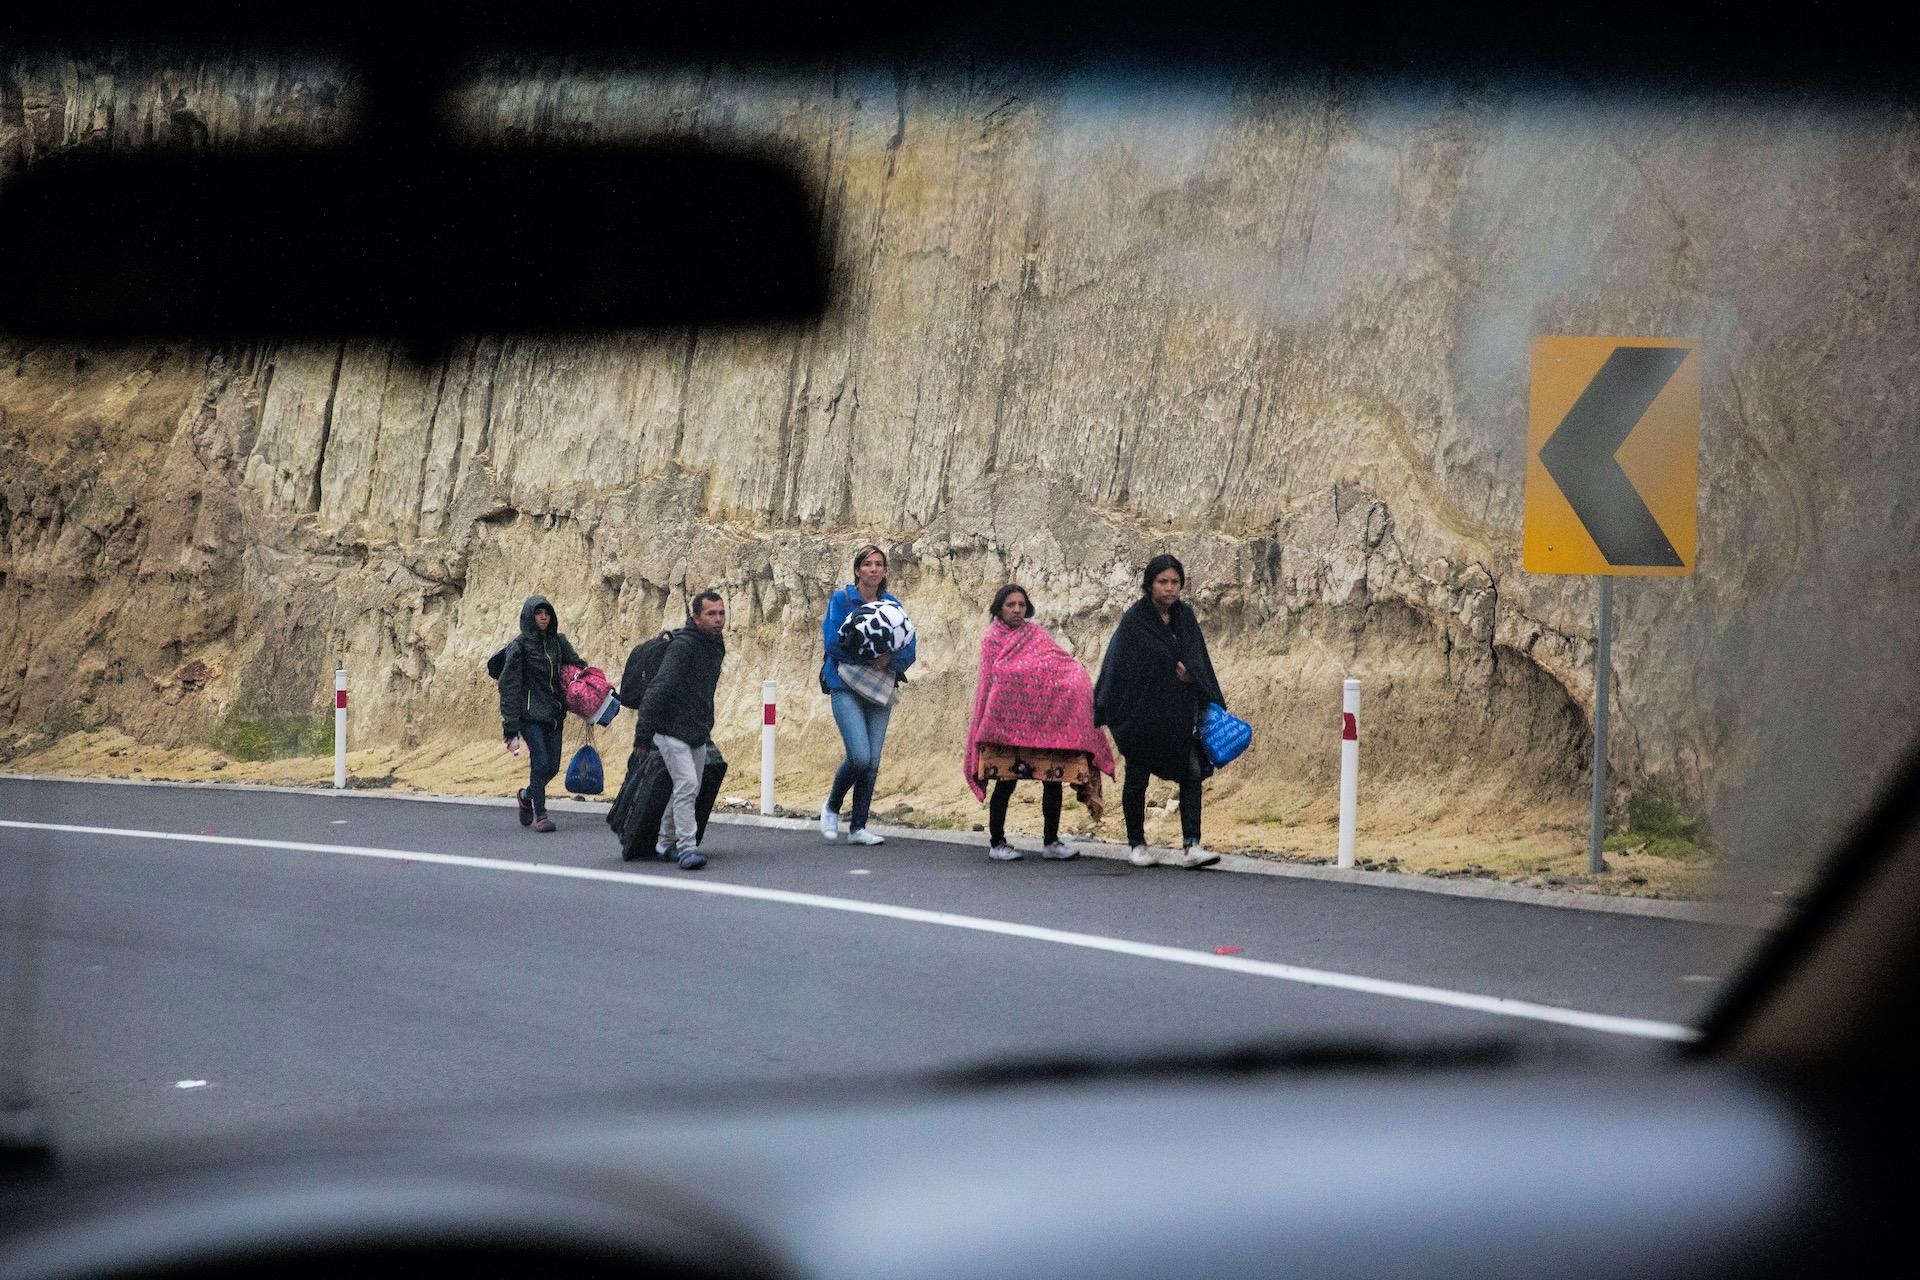 Slippers , crocs etc waarop sommige vluchtelingen honderden kilometers moeten afleggen van Venezulea door Colombia en Equador naar PeruIn Rumichaca, de grensovergang tussen Ecuador en Colombia, steken dagelijks honderden mensen de grens over, vaak net gevlucht uit Venezuela en heel Colombia doorgereisd. Met de bus, liftend of te voet. Het grootste gedeelte van de vluchtelingen reizen door Equador naar Peru omdat daar meer werk is te vinden. Sommigen hebben niets meer dan een tasje met wat kleding bij zich. Veel worden onderweg beroofd van hun bezittingen. Het Rode Kruis heeft hulpposten bij de grensovergang voor de mensen die totaal uitgeput zijn. De hulporganisatie zorgt hier voor schoon drinkwater, deelt toiletartikelen uit, verleent eerste hulp en helpt bij contactherstel met achtergebleven familie. Giro5125 van het Rode Kruis is geopend voor hulp aan de Venezolanen die massaal op de vlucht zijn.